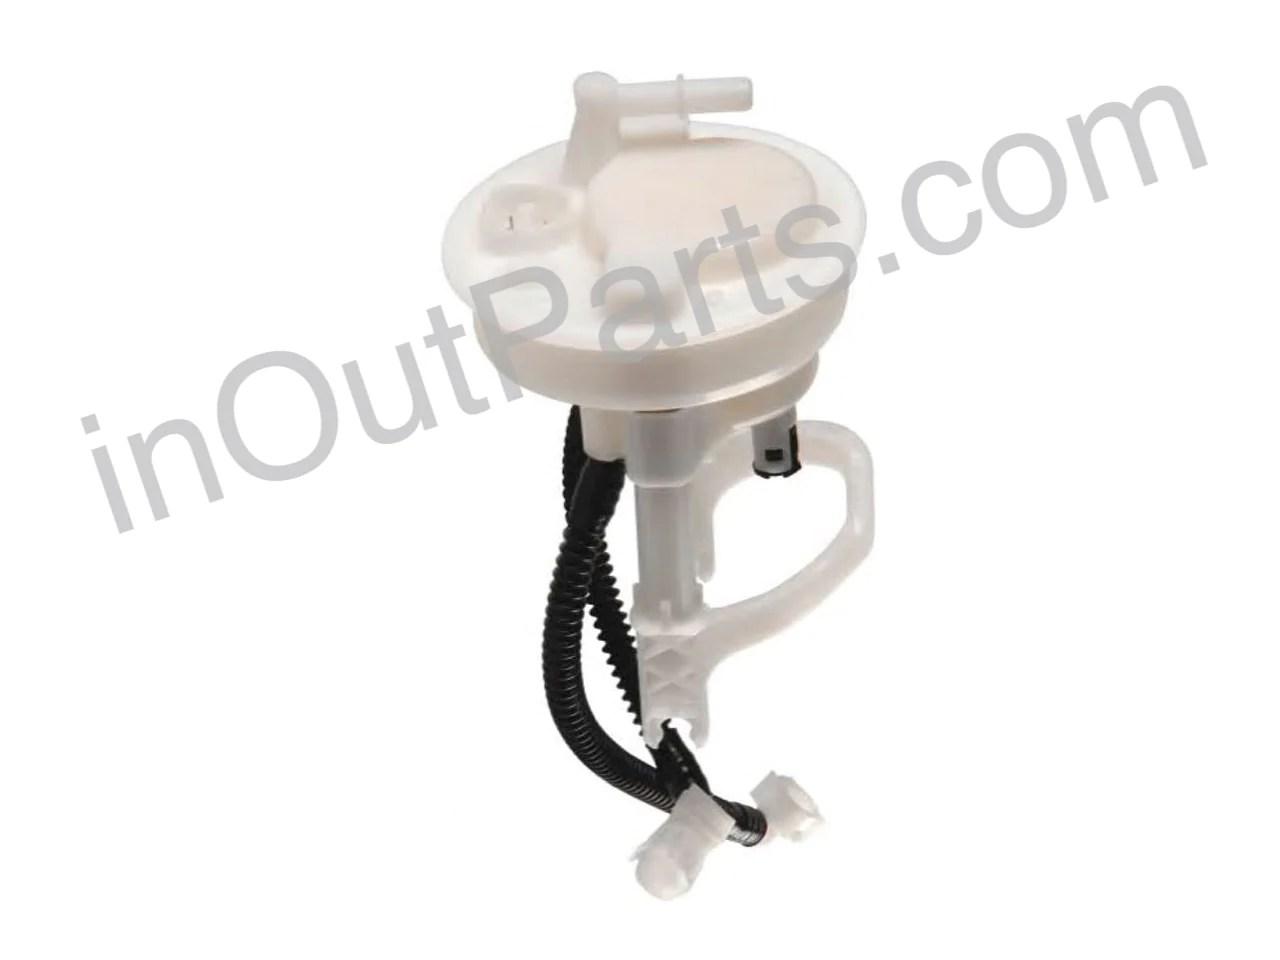 small resolution of fuel filter fits honda civic es eu 2000 2001 2002 2003 2004 2005 inout parts